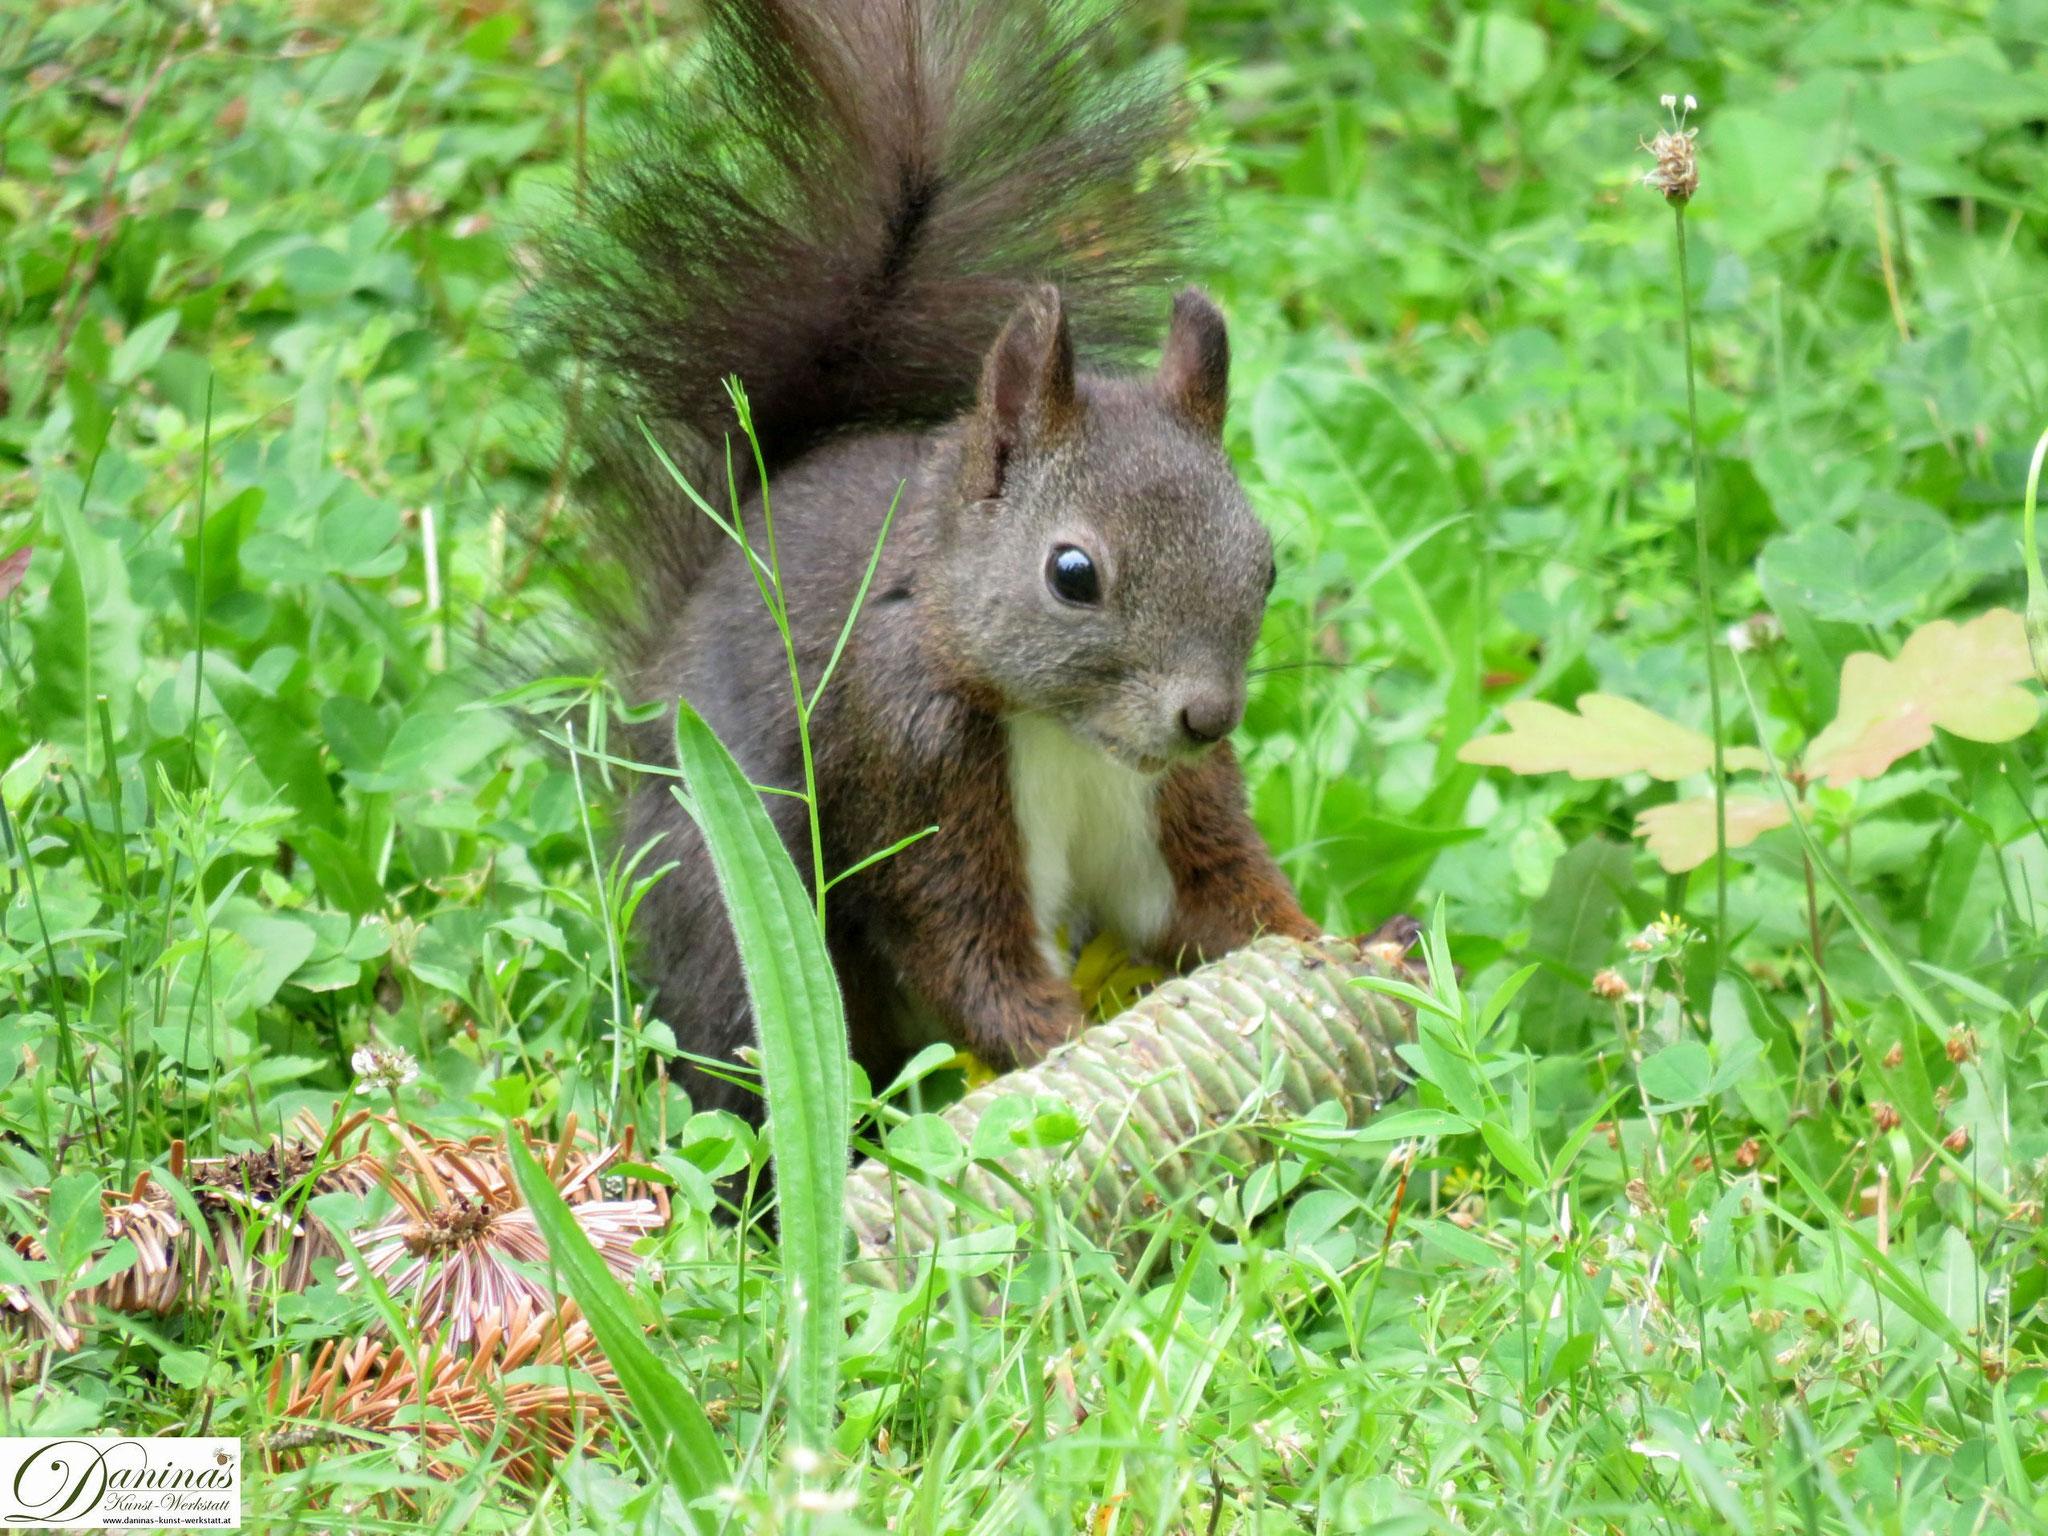 Eichhörnchen mit Fichtenzapfen. Entzückende Eichhörnchen Bilder by Daninas-Kunst-Werkstatt.at